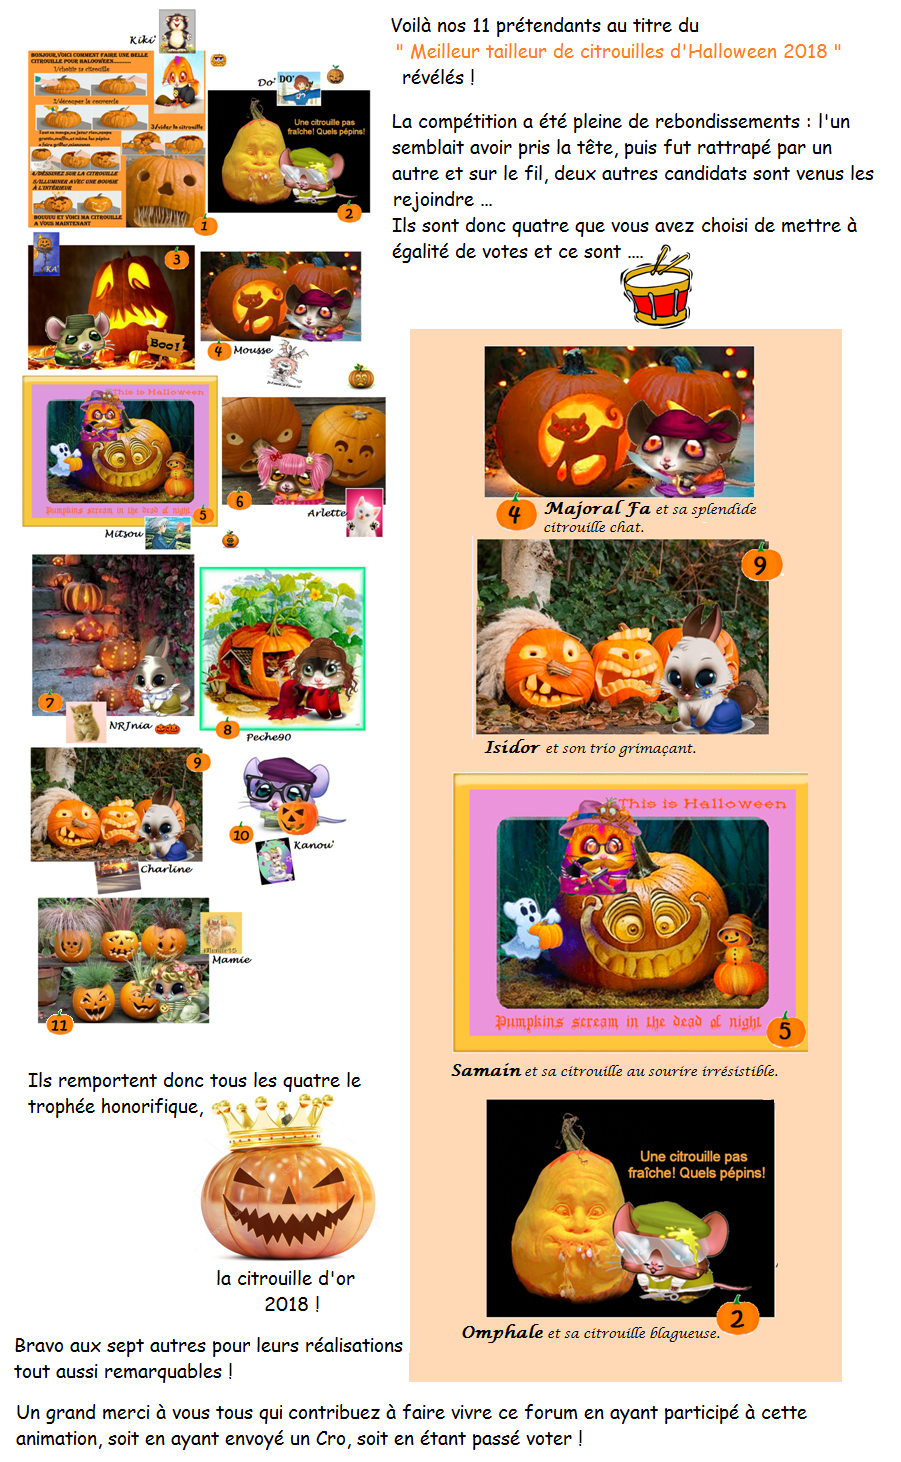 Les tailleurs de citrouilles d'Halloween 181105062222719505